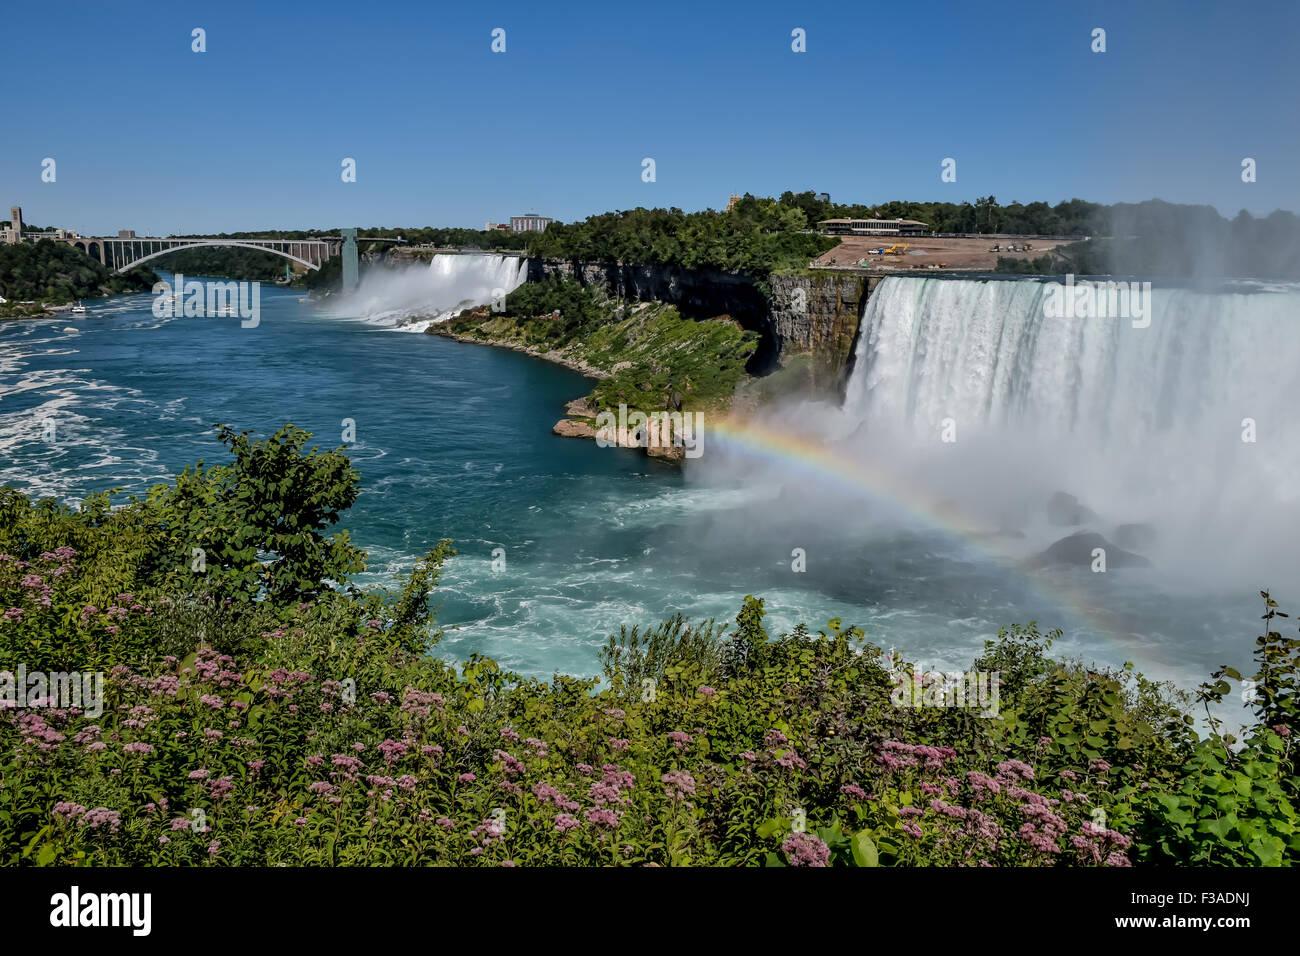 Niagara Falls, Ontario, Canada - Stock Image